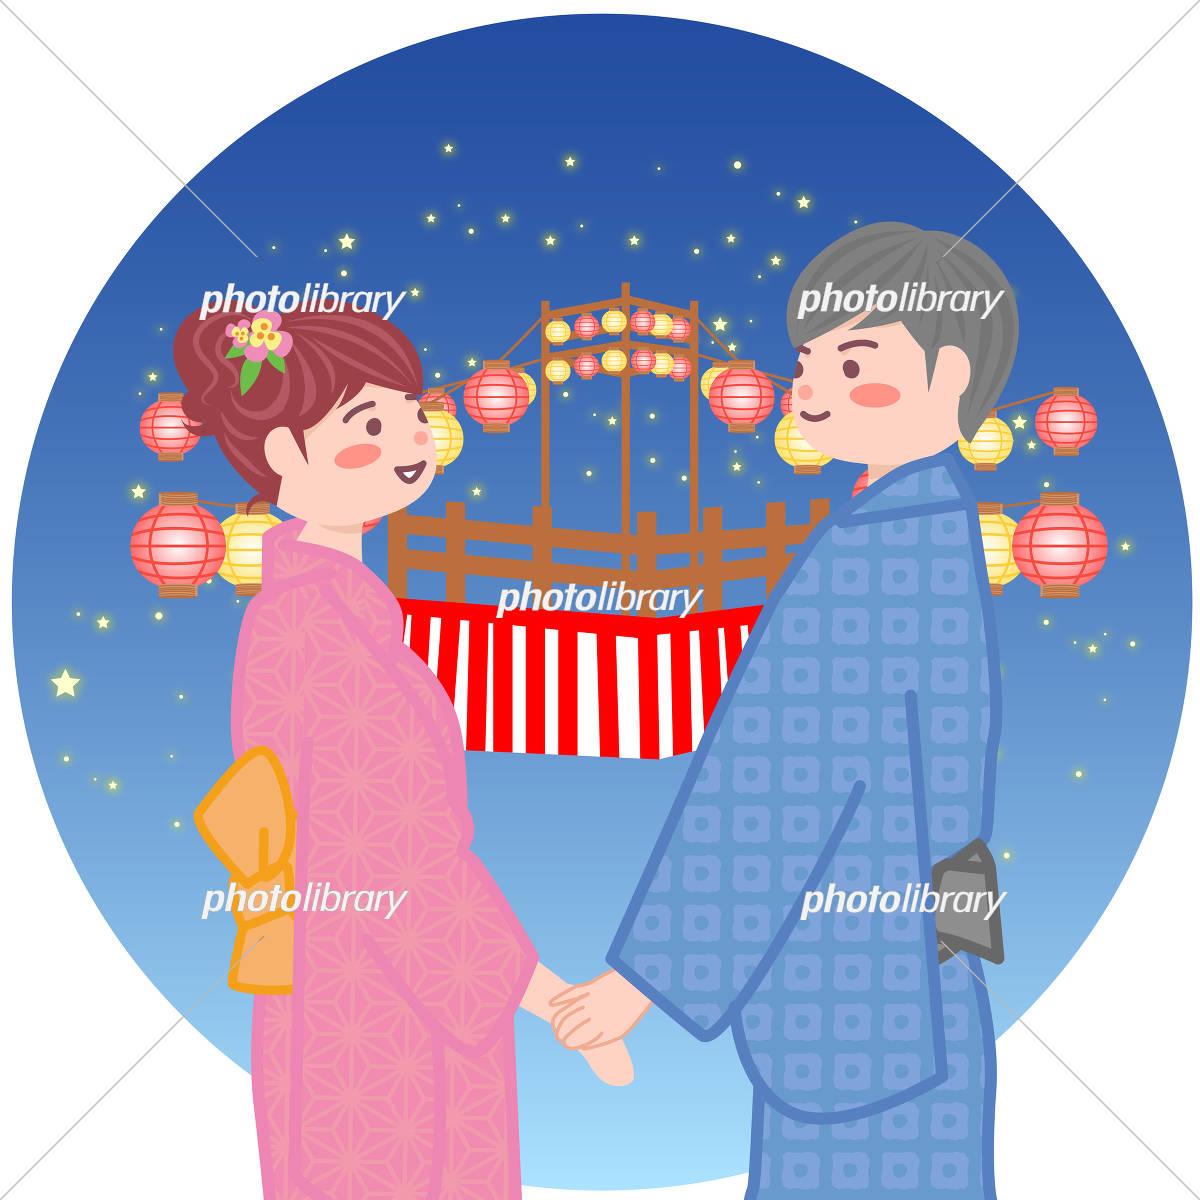 盆踊りデートをするカップル イラスト素材 [ 5664442 ] - フォトライブ